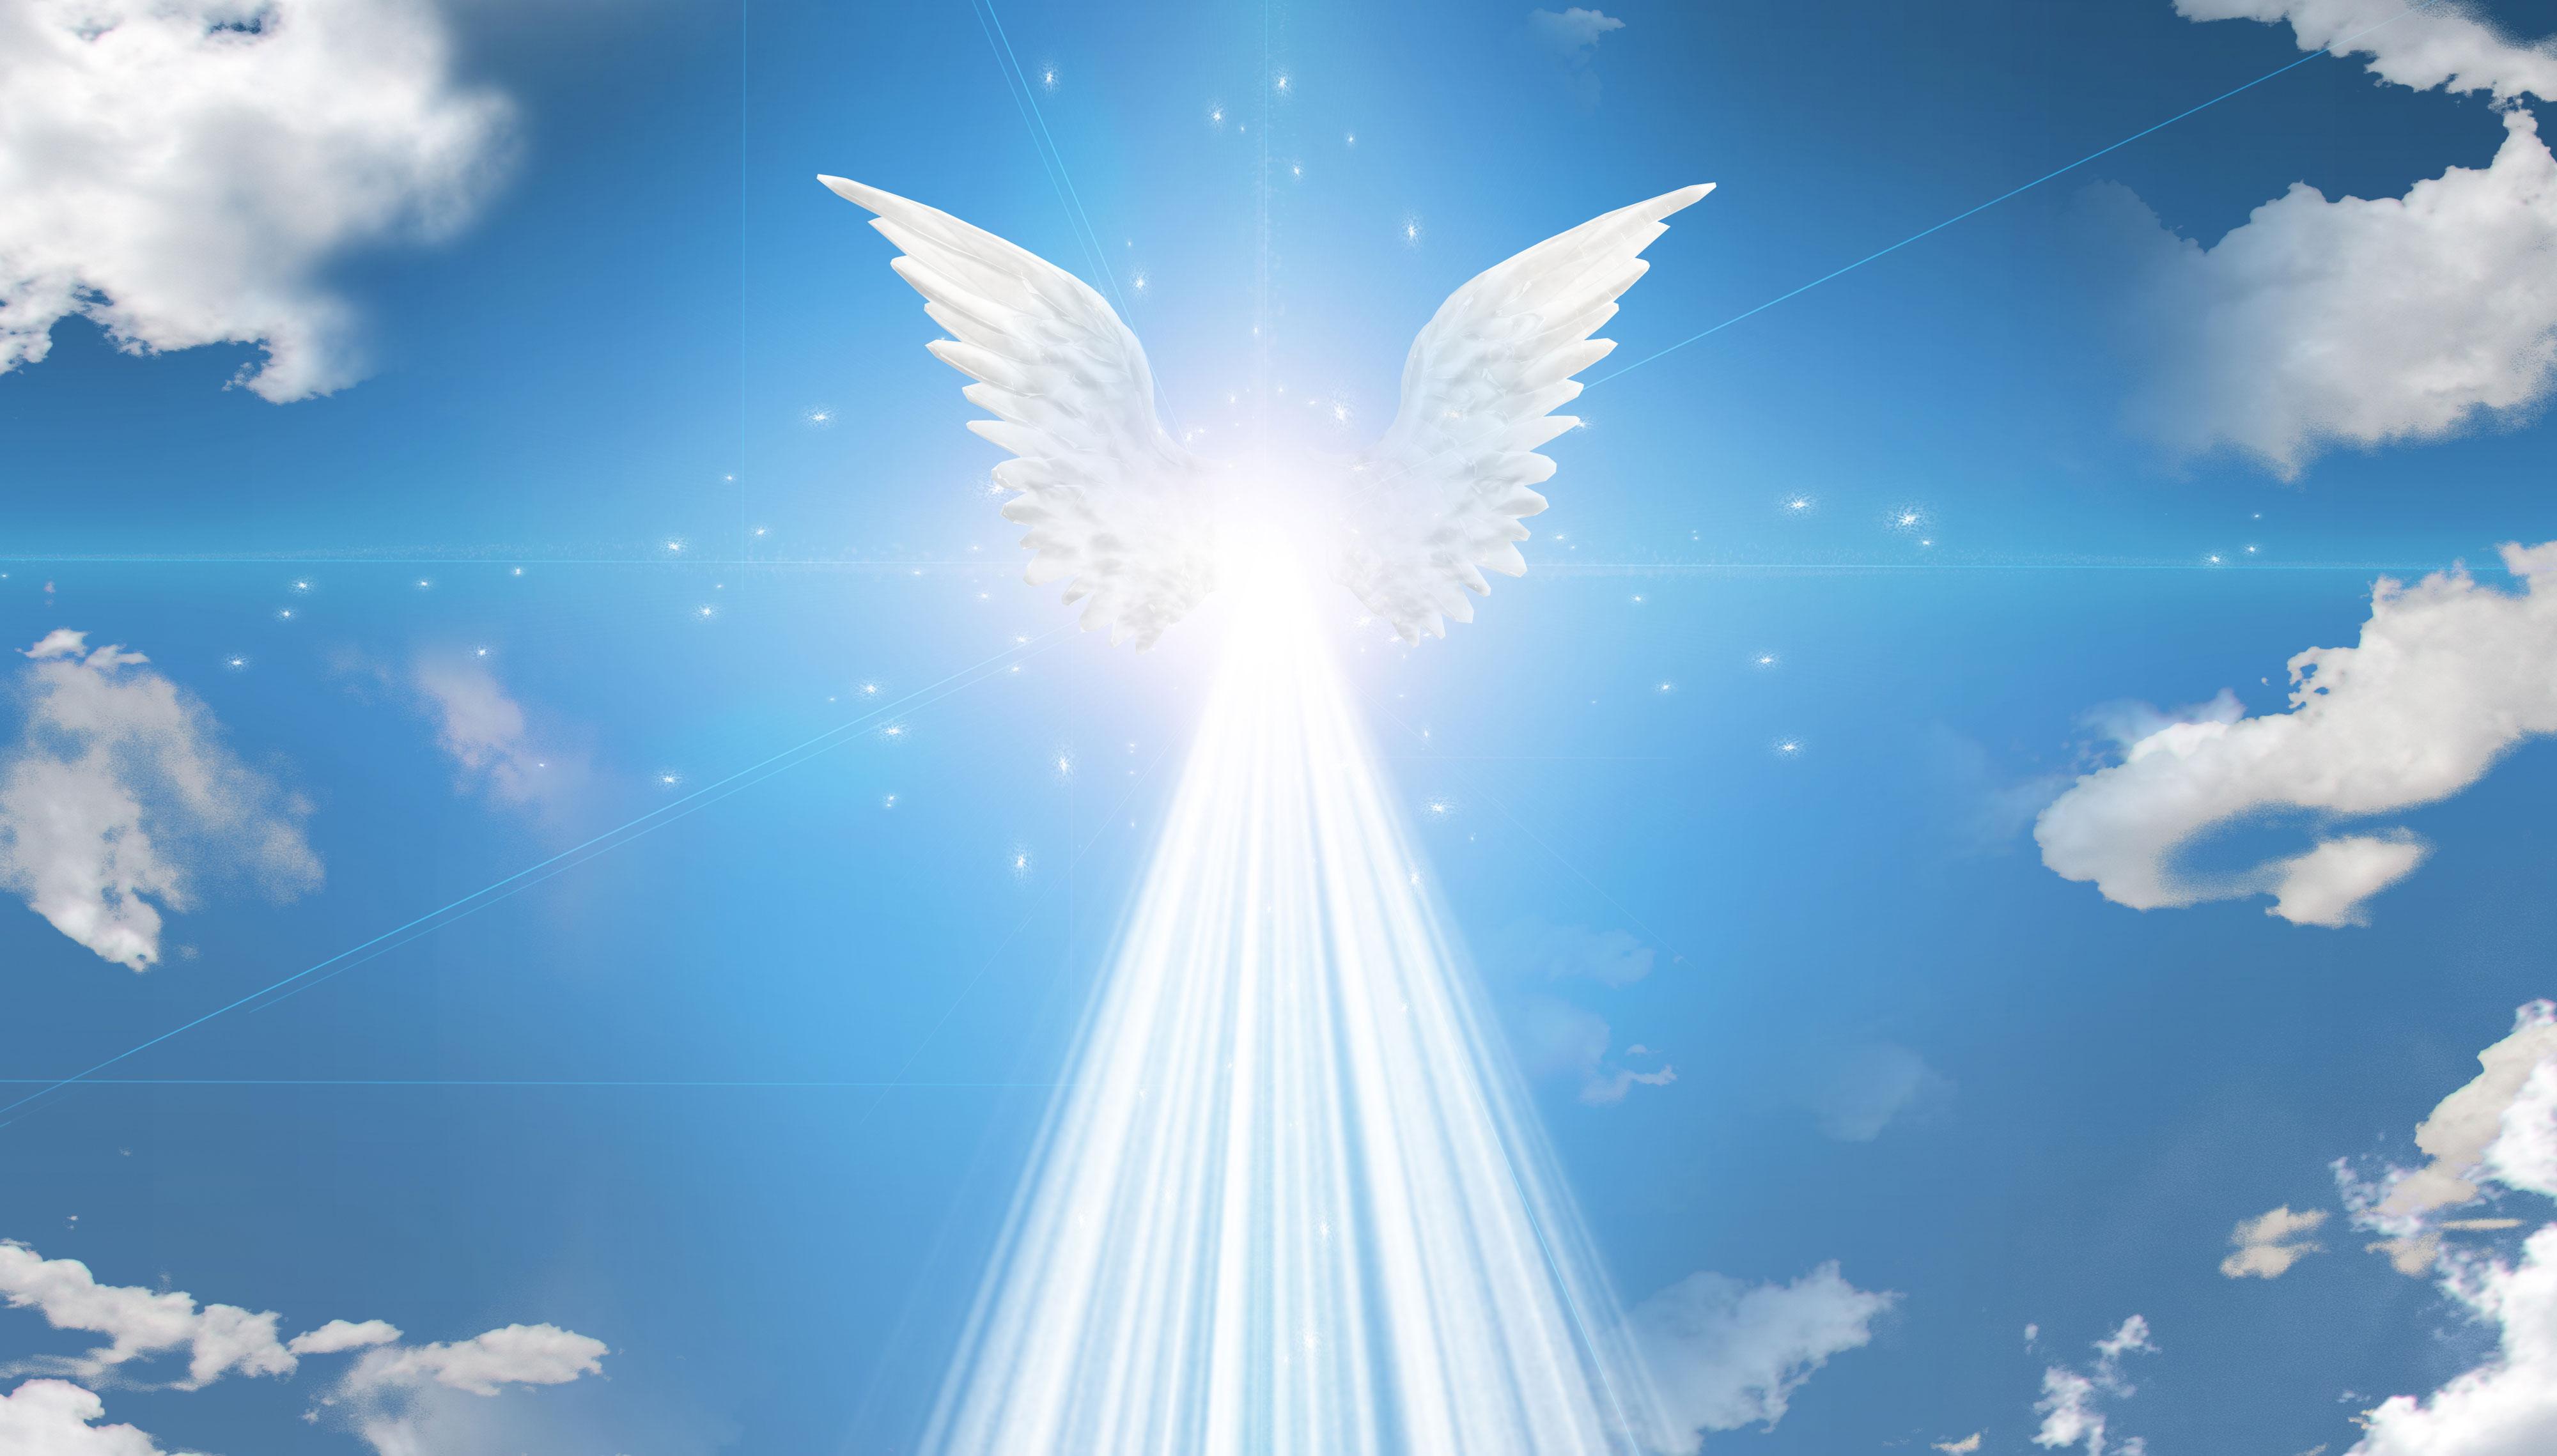 imágenes de ángeles celestiales de Dios